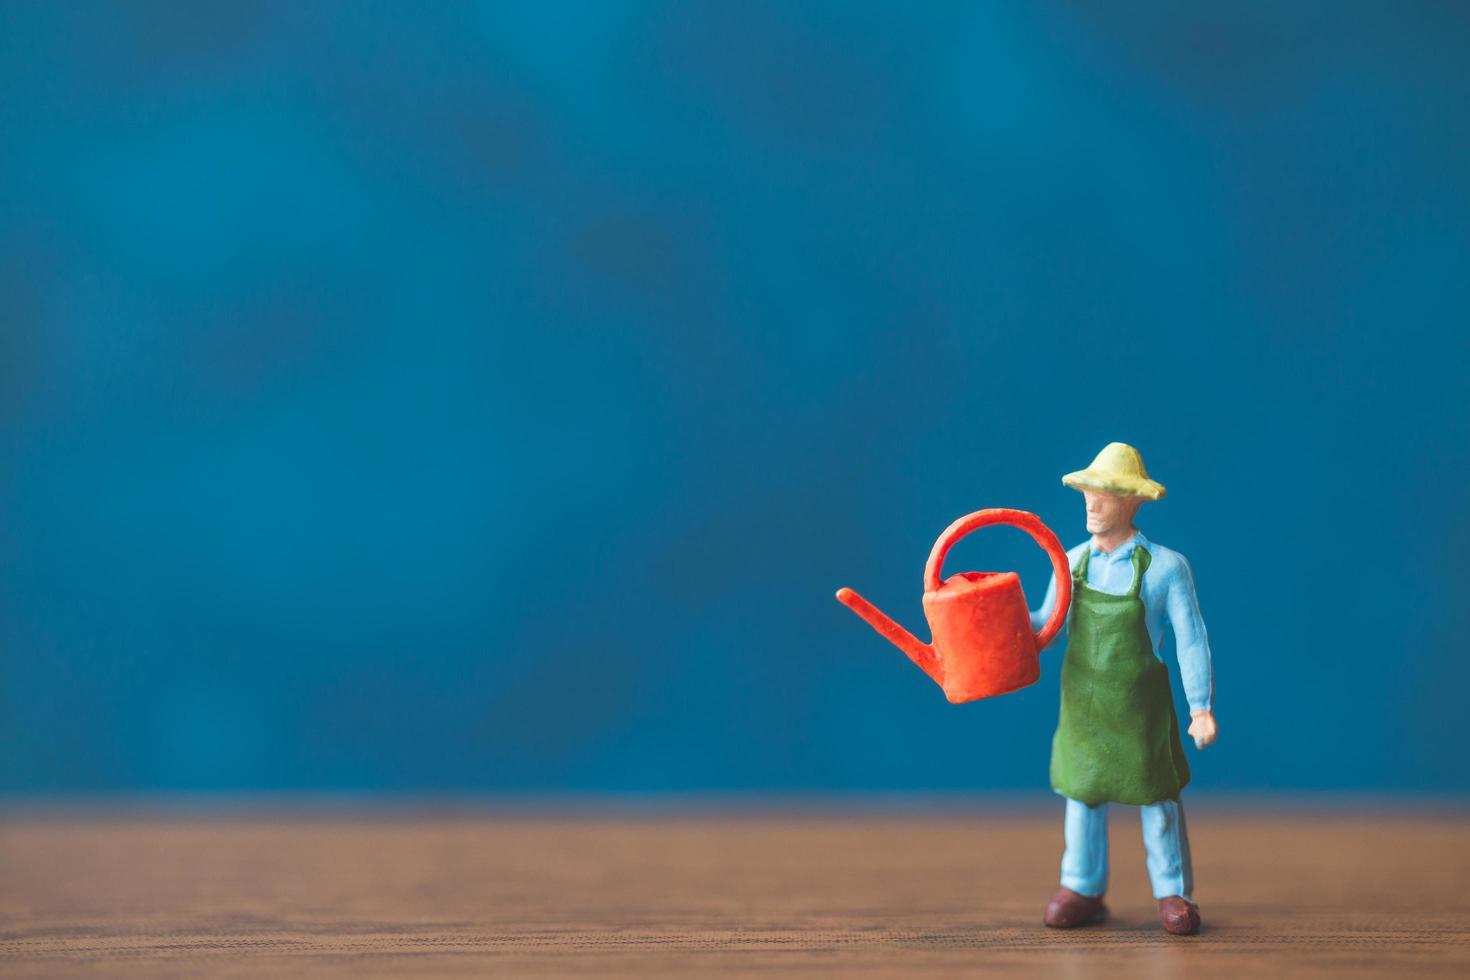 figura in miniatura di un giardiniere foto